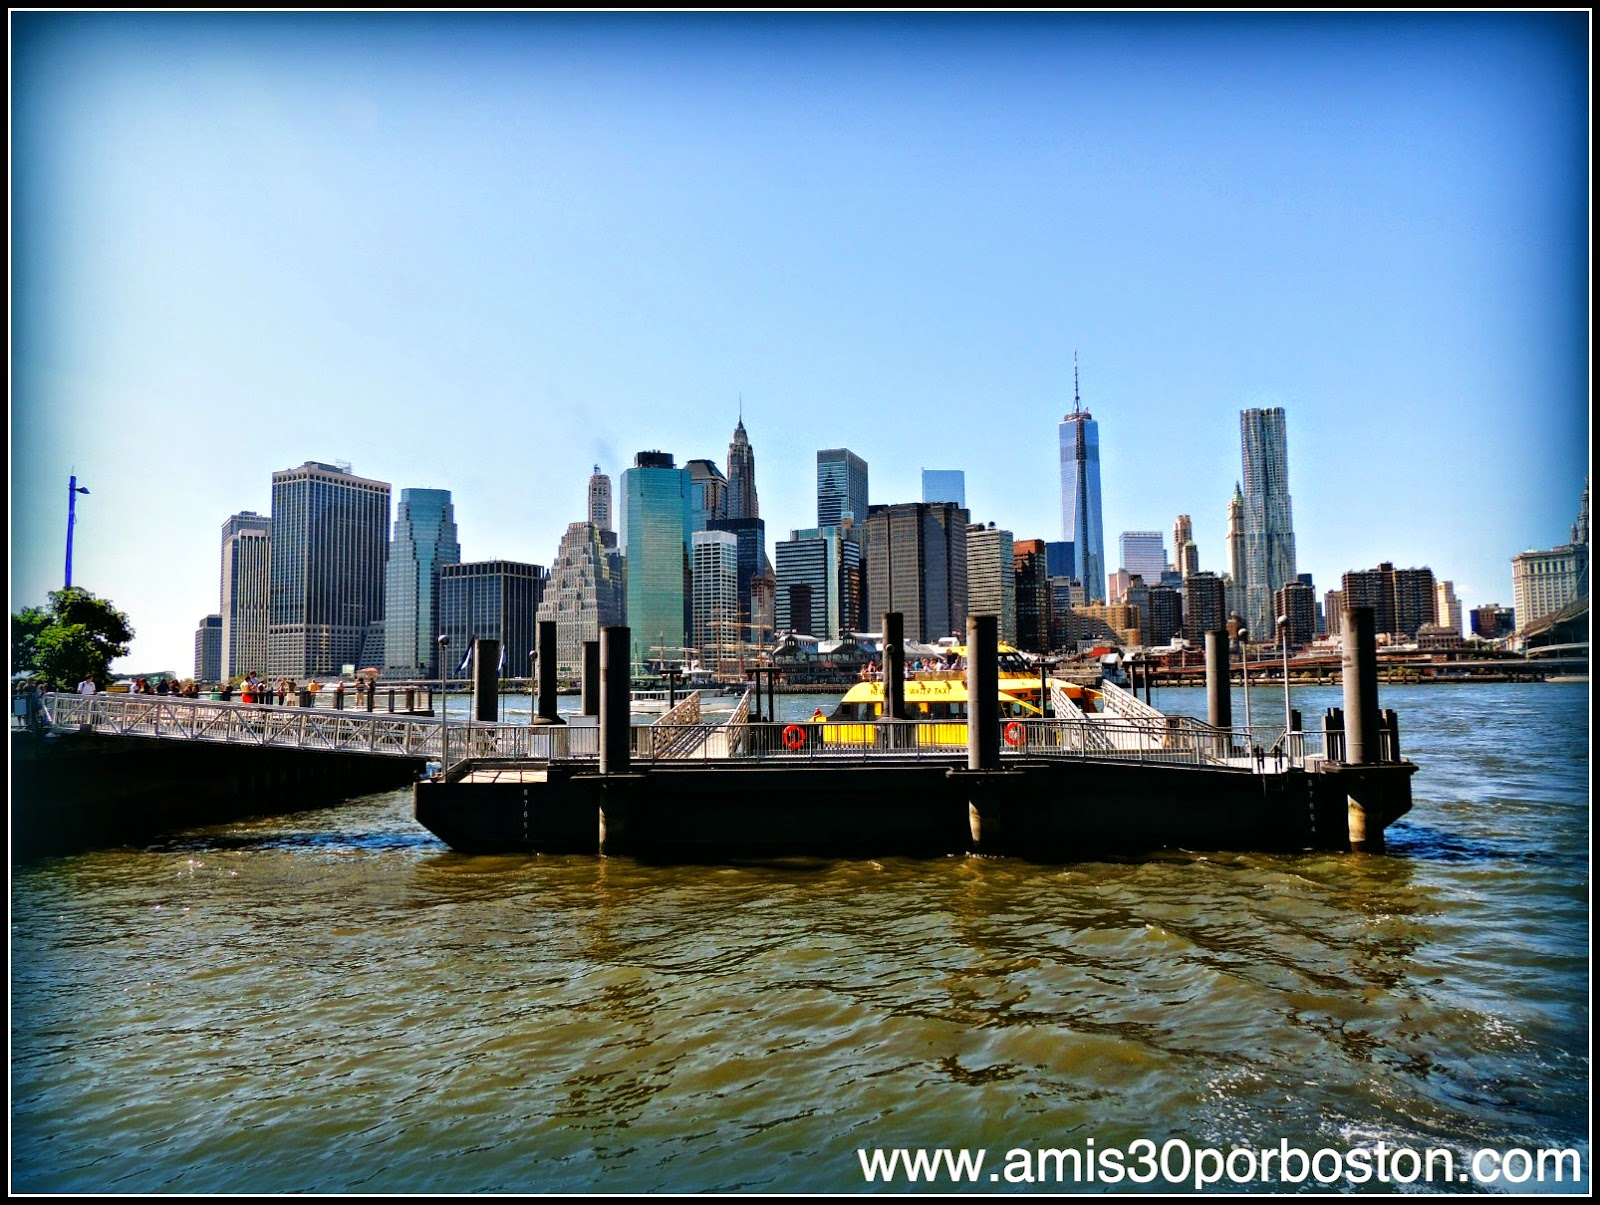 Segunda Visita a Nueva York: Vistas desde Brooklyn